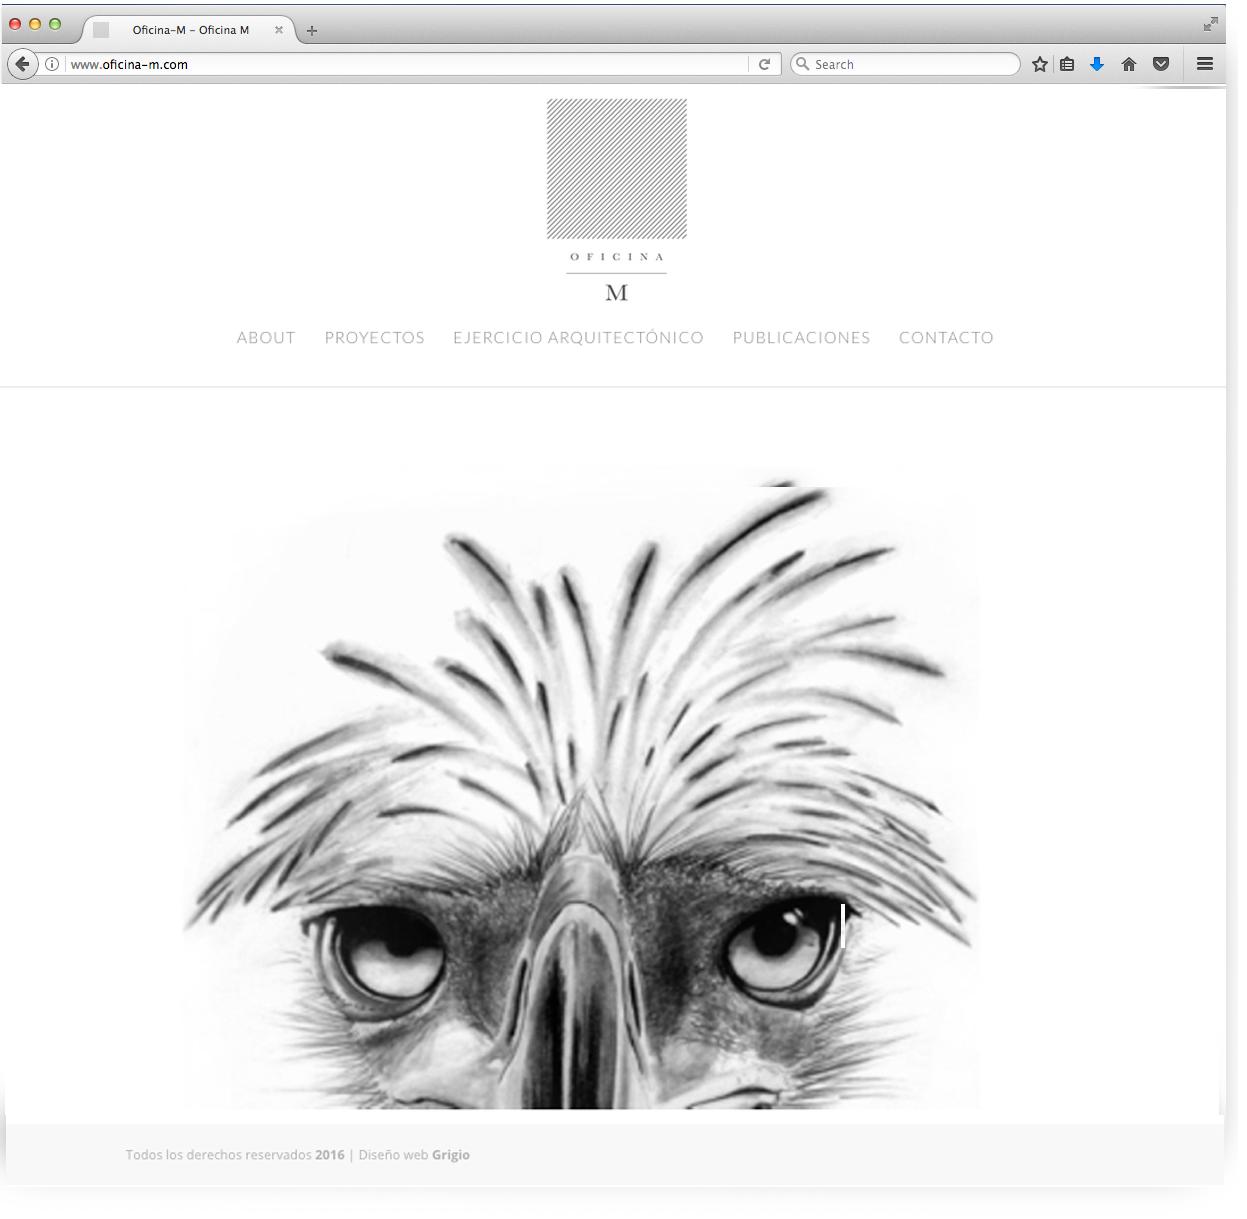 Grigio_web_OficinaM11